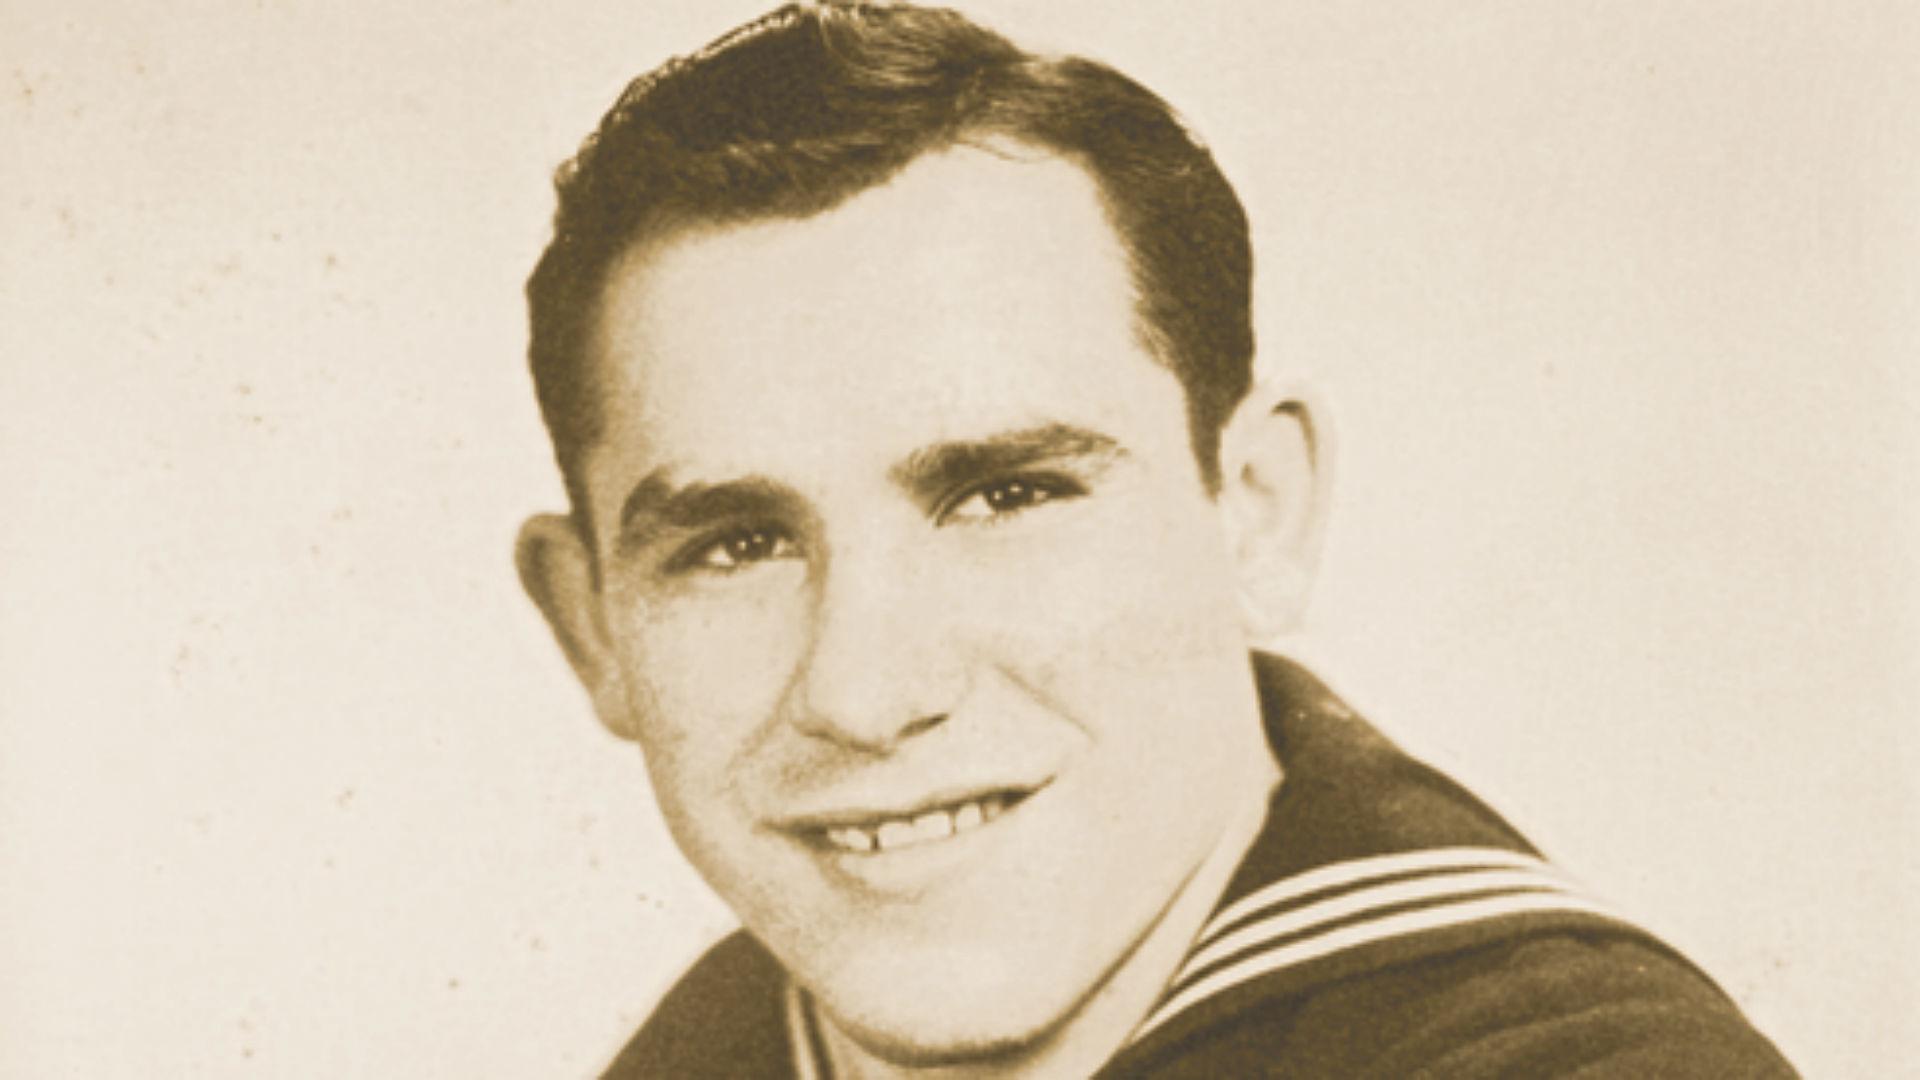 Yogi-Berra-Navy-FTR.jpg